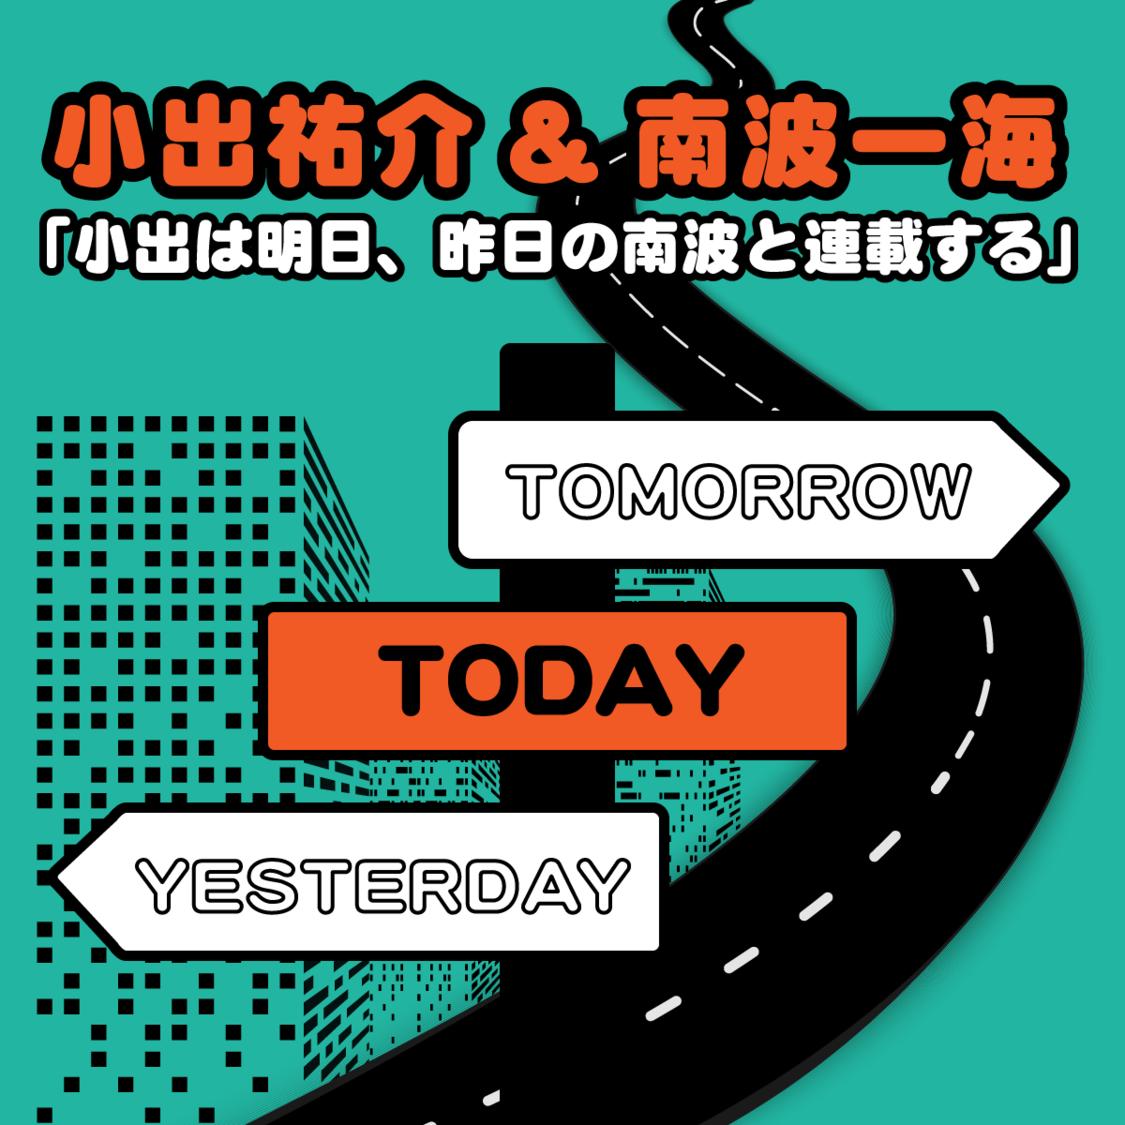 最終回:BiS、鈴木京香、カントリー・ガールズ〜小出祐介&南波一海「小出は明日、昨日の南波と連載する」〜